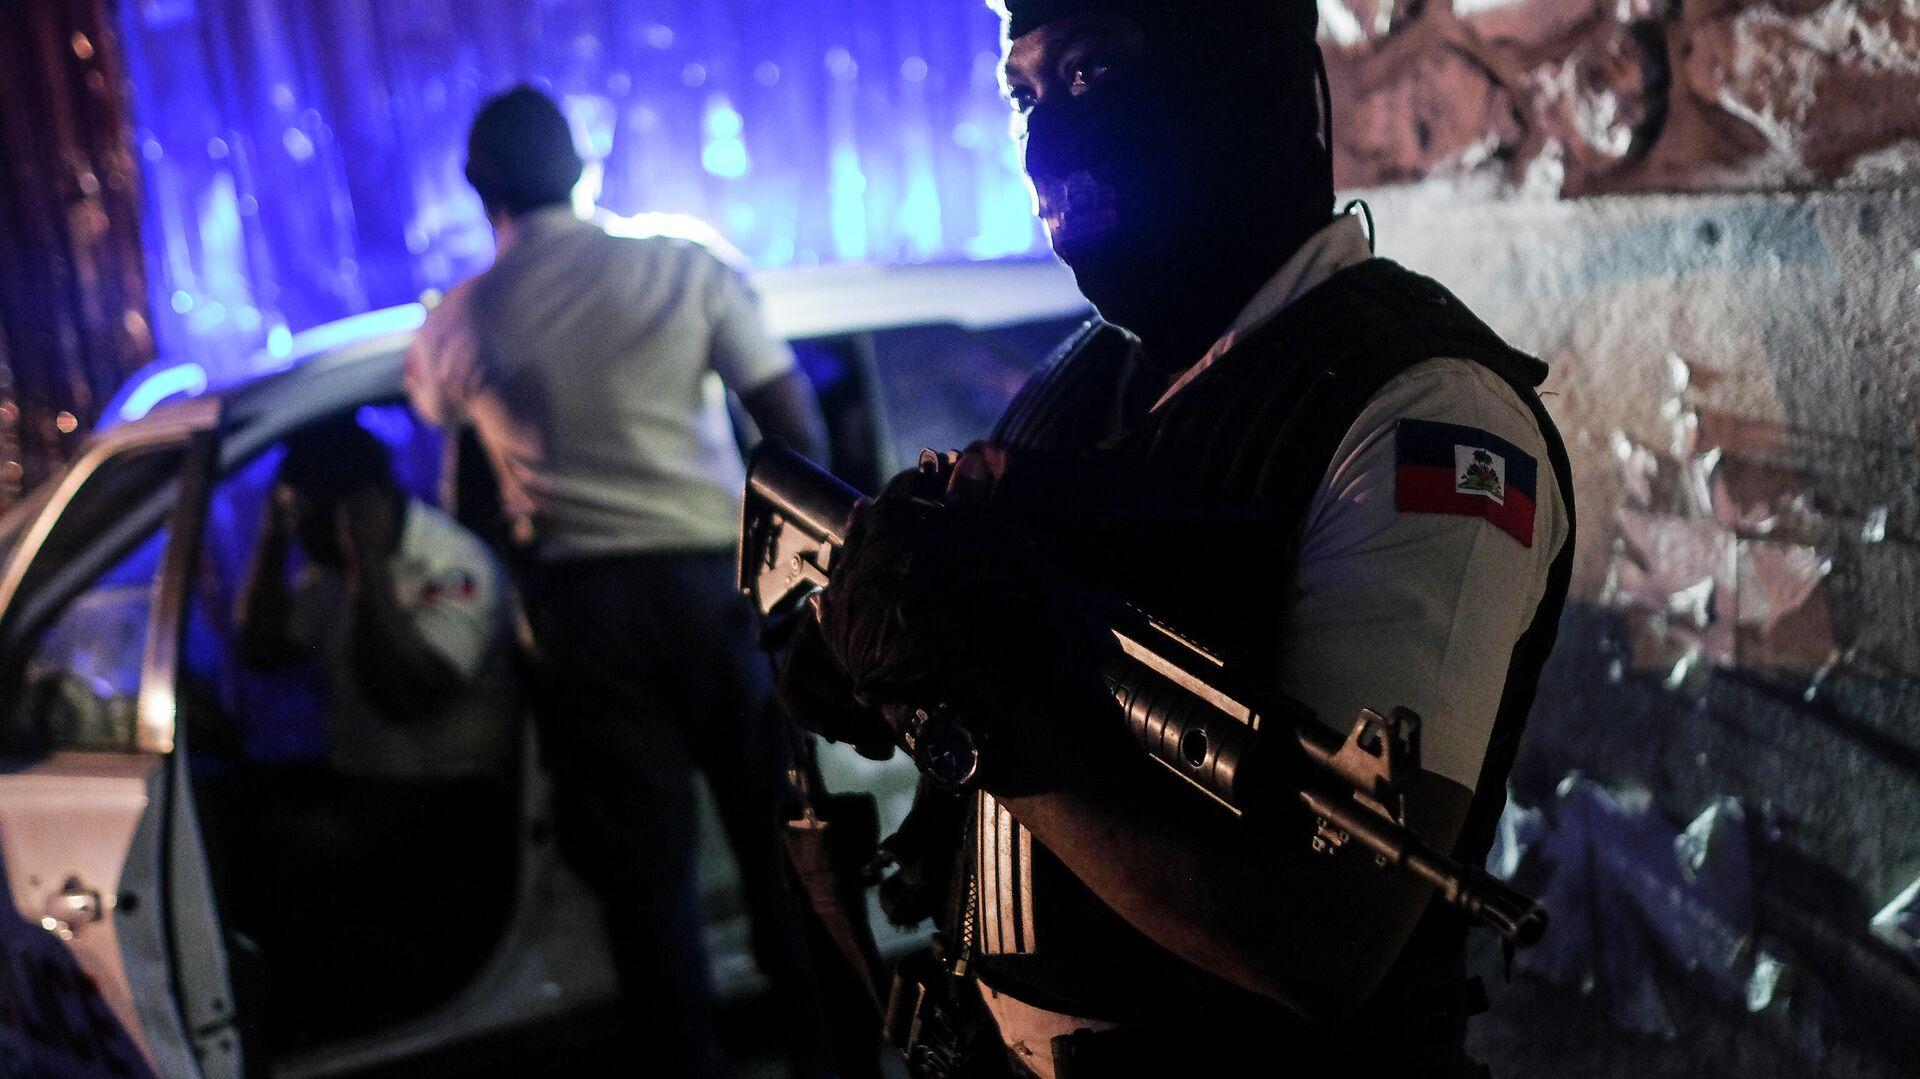 Ein Polizist steht an einer Kreuzung in Port-au-Prince, Haiti. - SNA, 1920, 15.07.2021